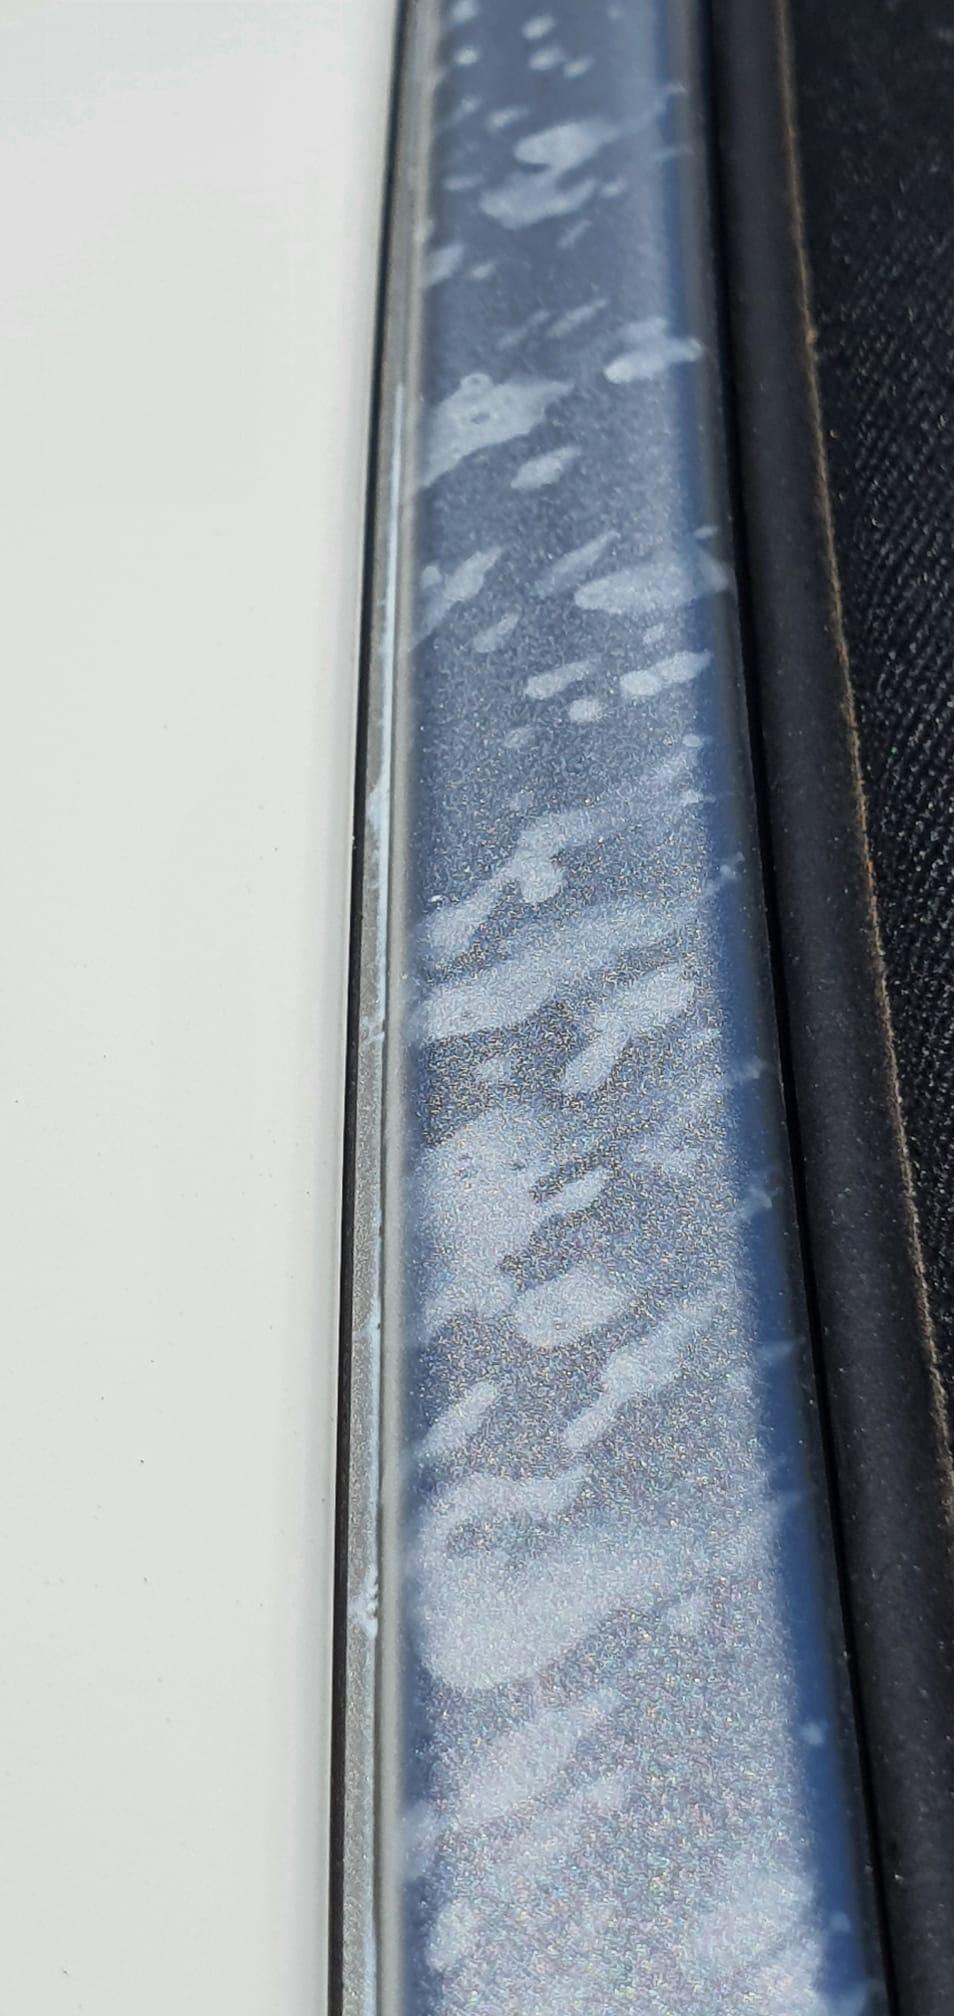 gocce bianche irremovibili  sul profilo in alluminio Whatsa17